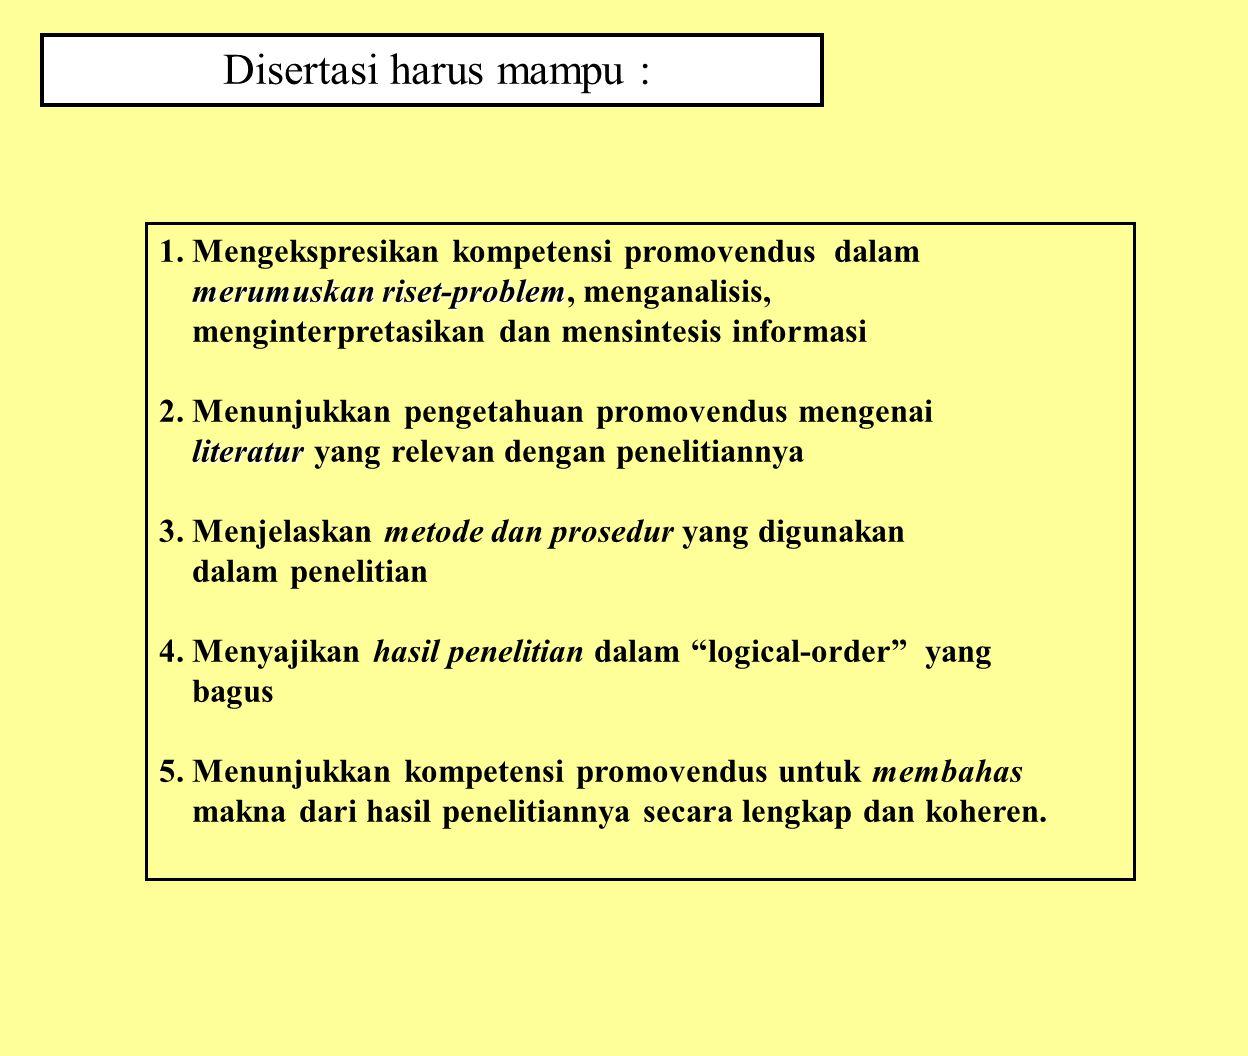 Disertasi harus mampu : 1. Mengekspresikan kompetensi promovendus dalam merumuskan riset-problem merumuskan riset-problem, menganalisis, menginterpret